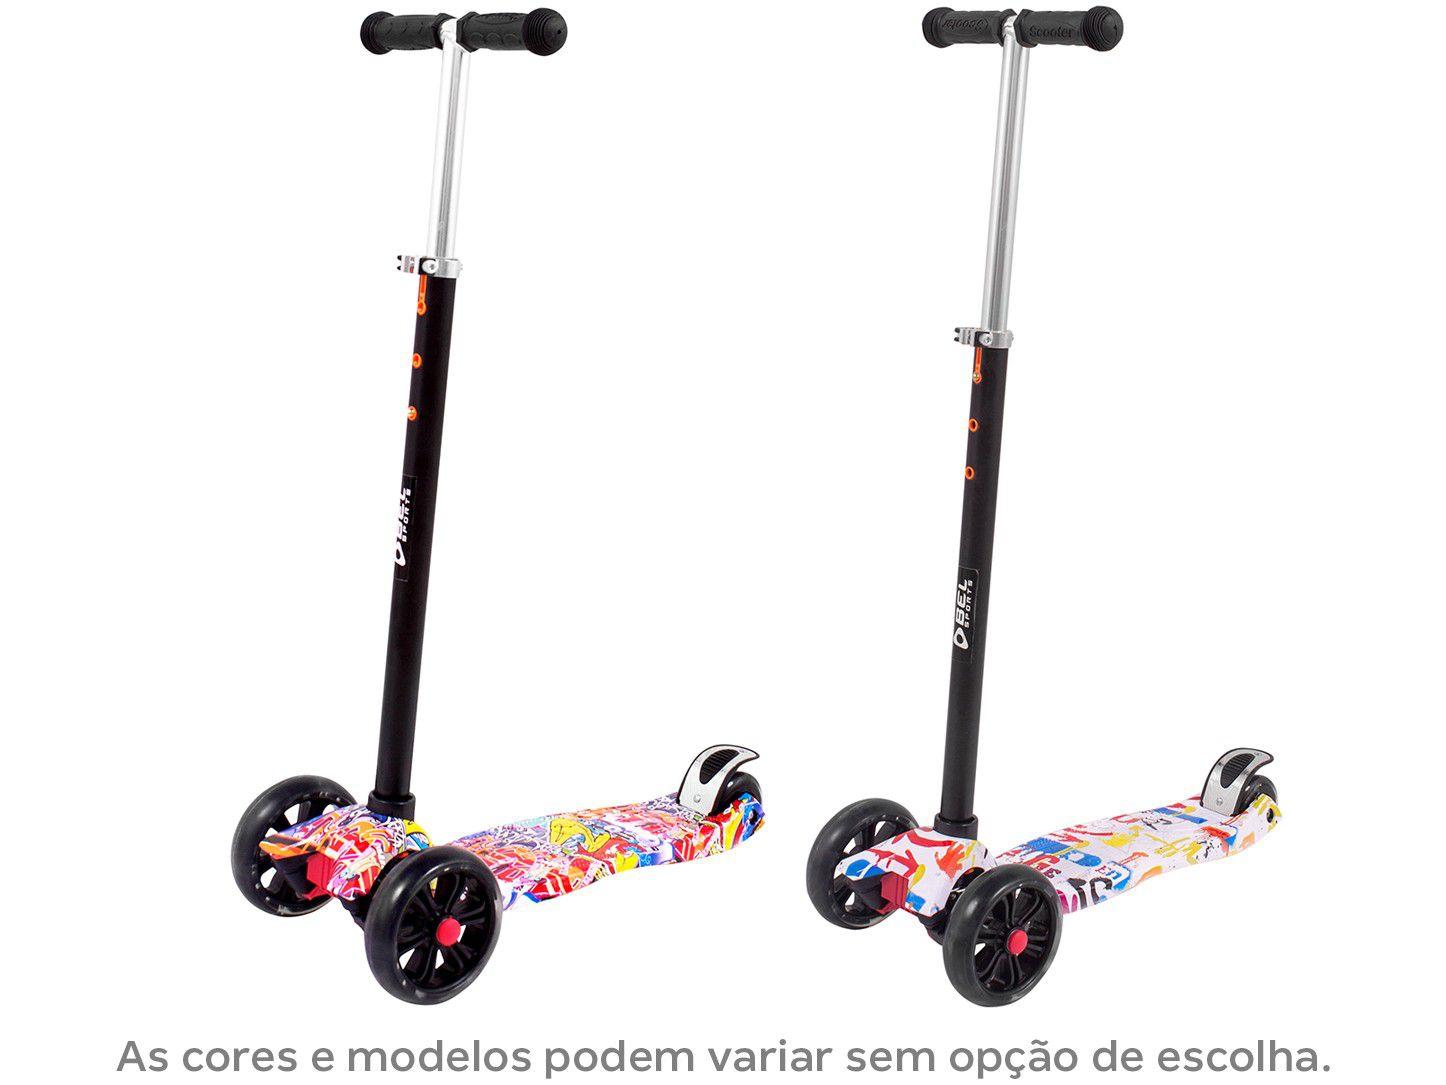 patinete 3 rodas led grafitado preto e branco unitoys